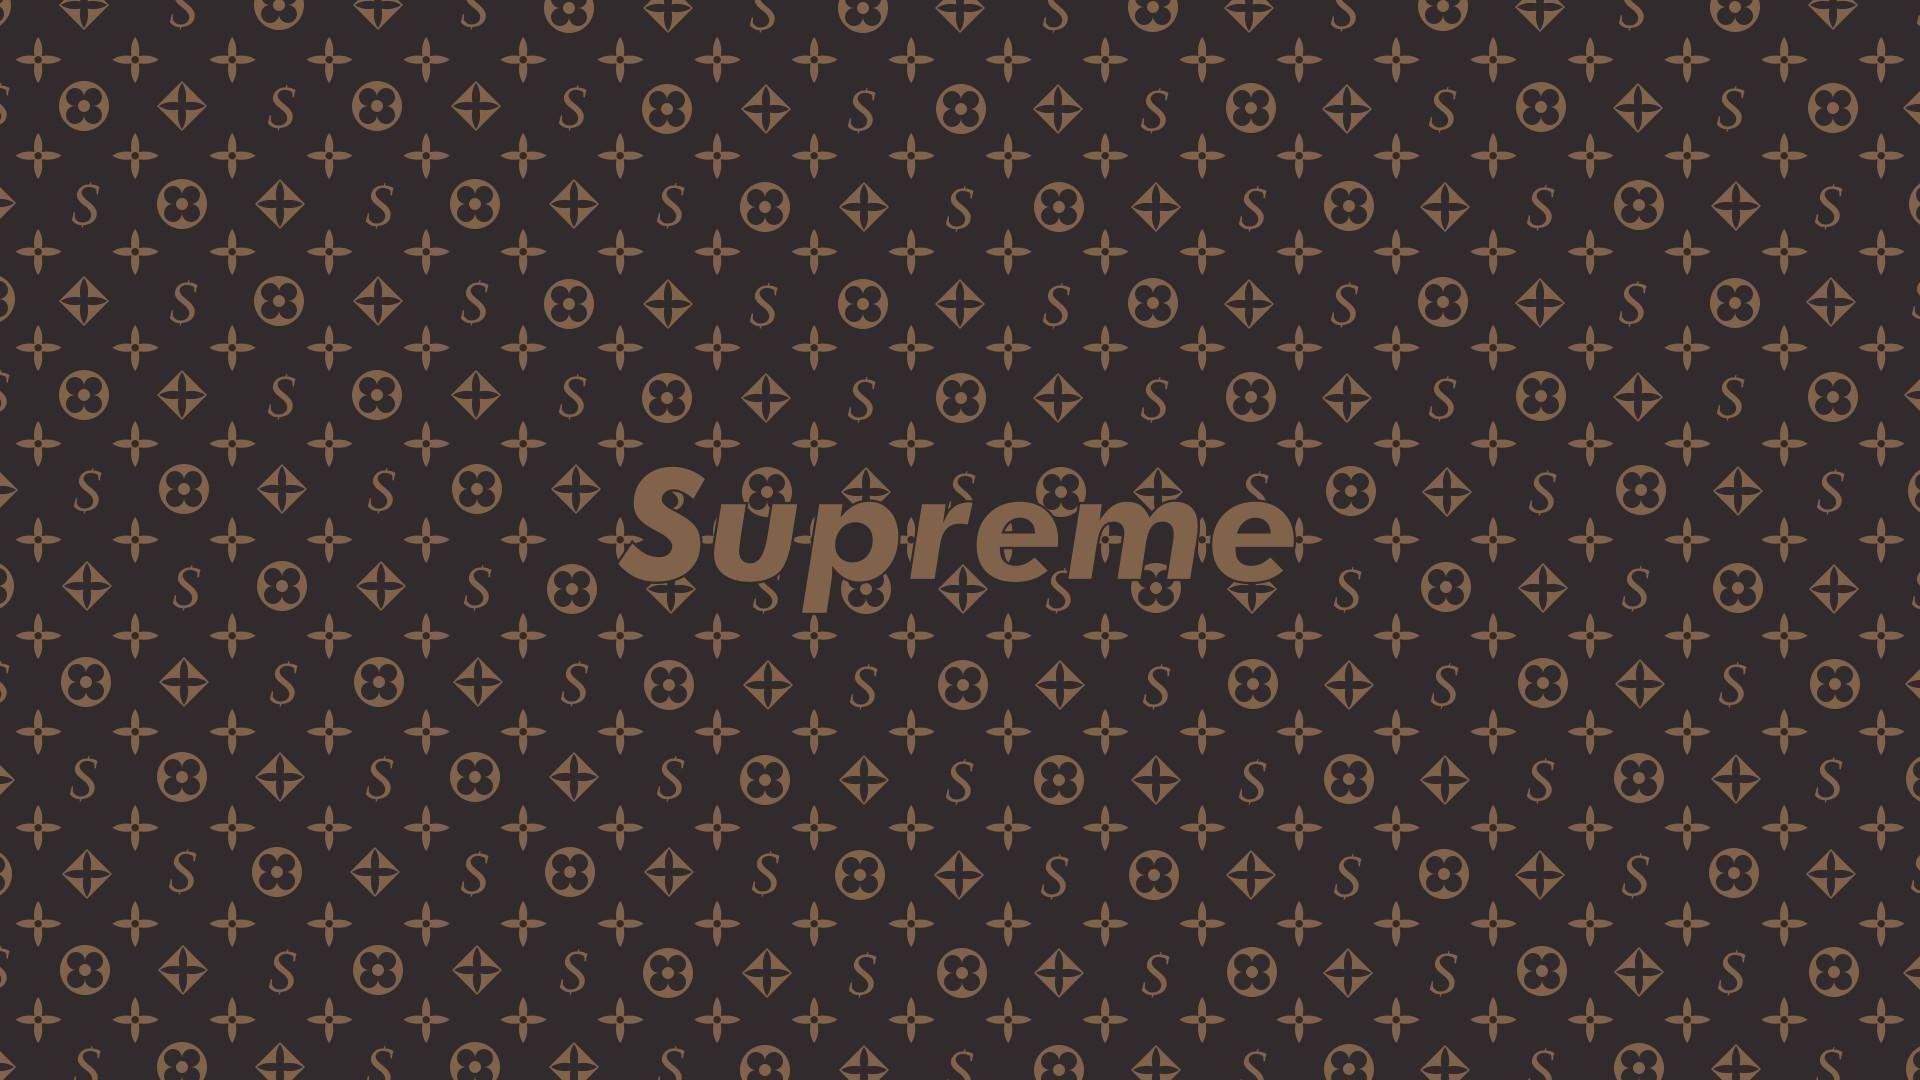 5abda3a6bac5 LV x Supreme lB Pinterest Wallpaper Supreme 1080x1920. View 0. Supreme  Wallpaper 73 images 1920x1080